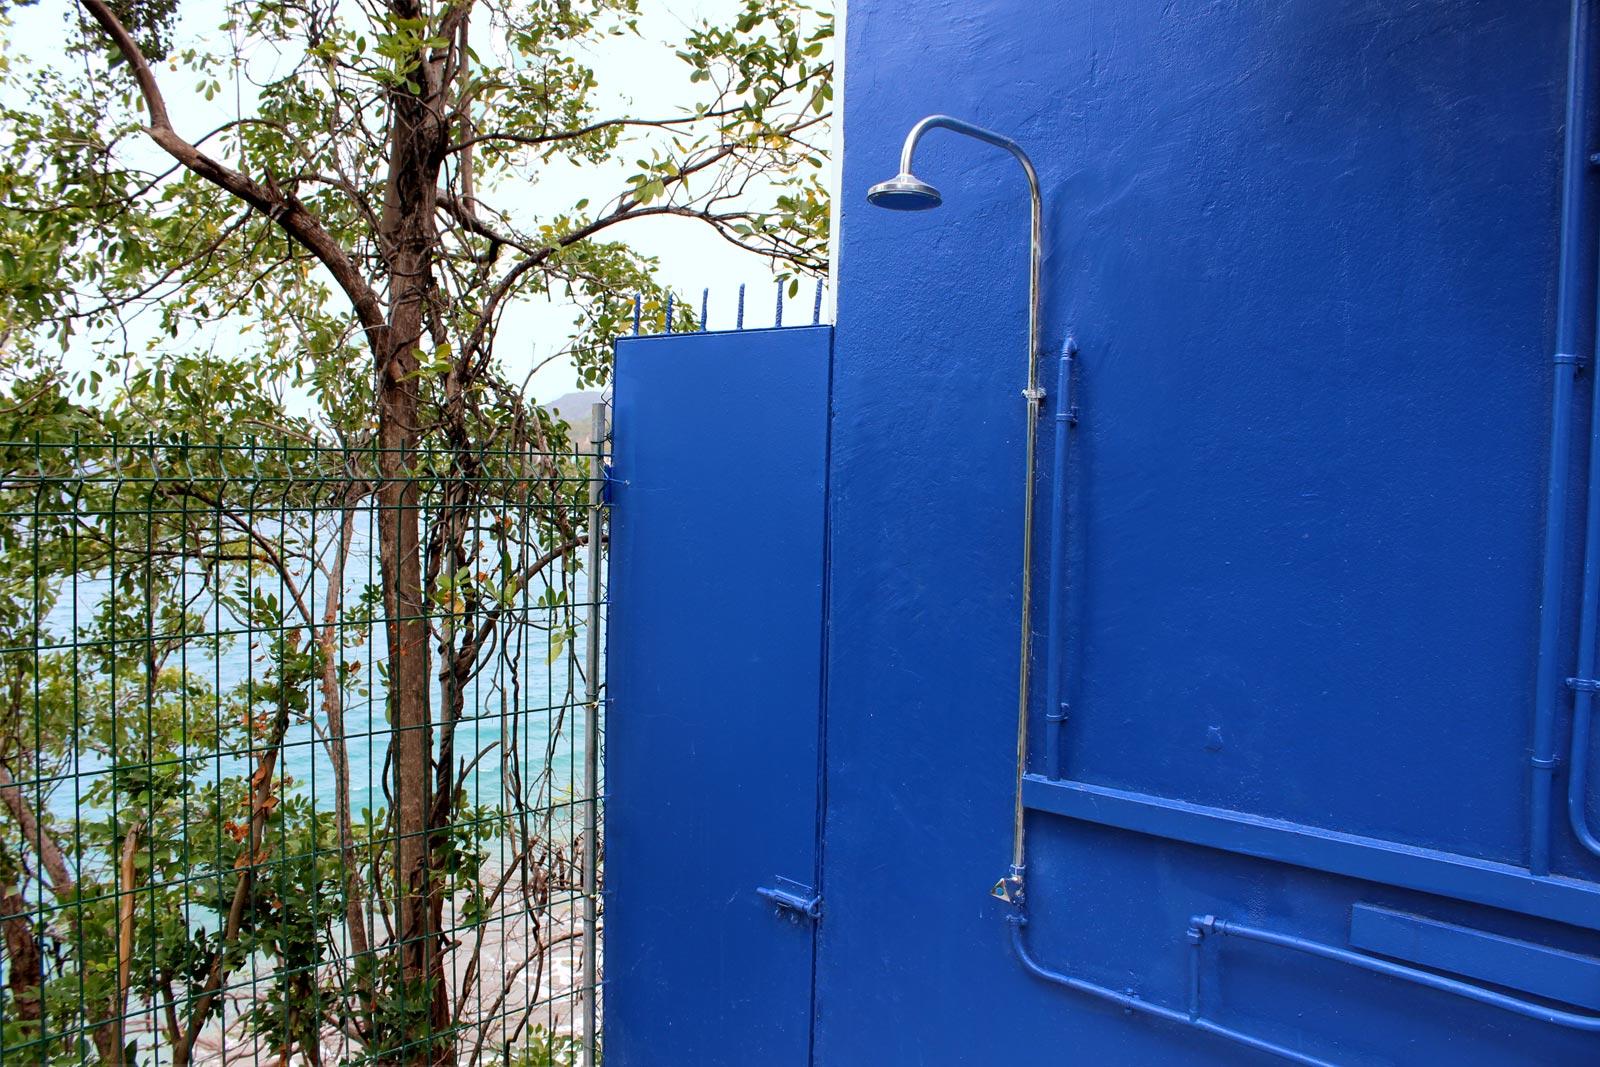 Piscine jardin - Doccia esterna giardino ...